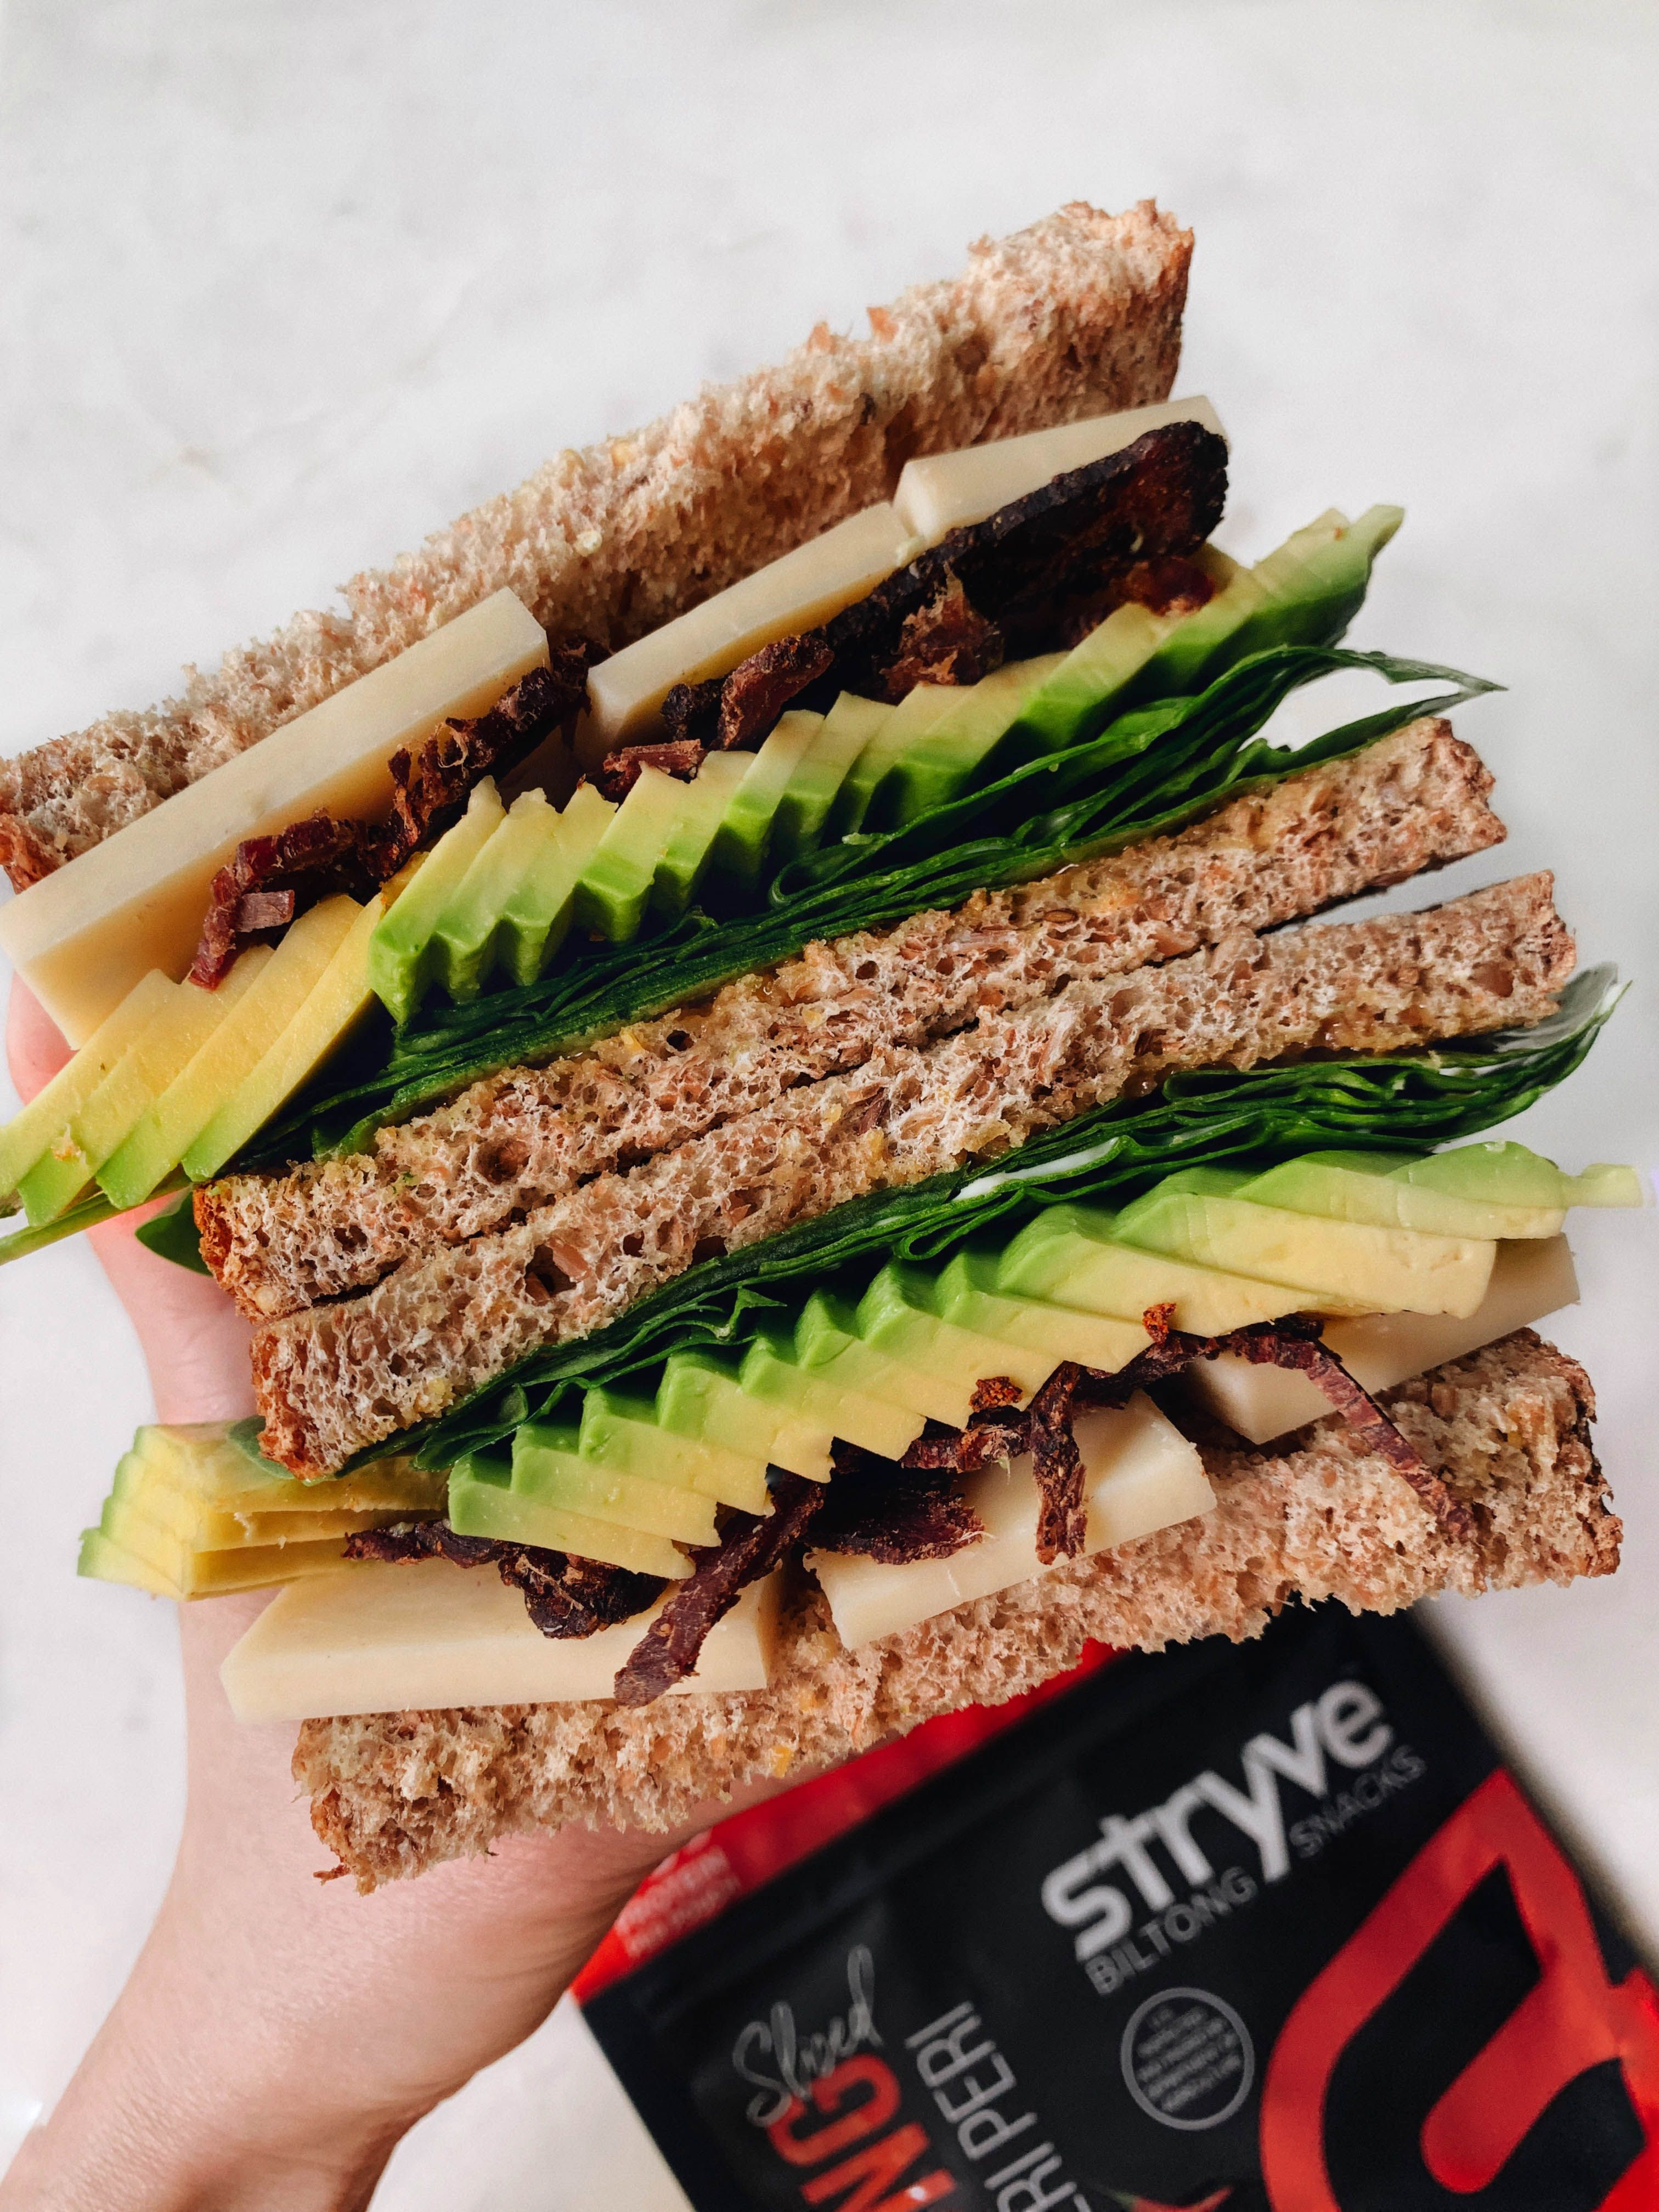 Sandwich avocado biltong recipe Biltong, Honey mustard